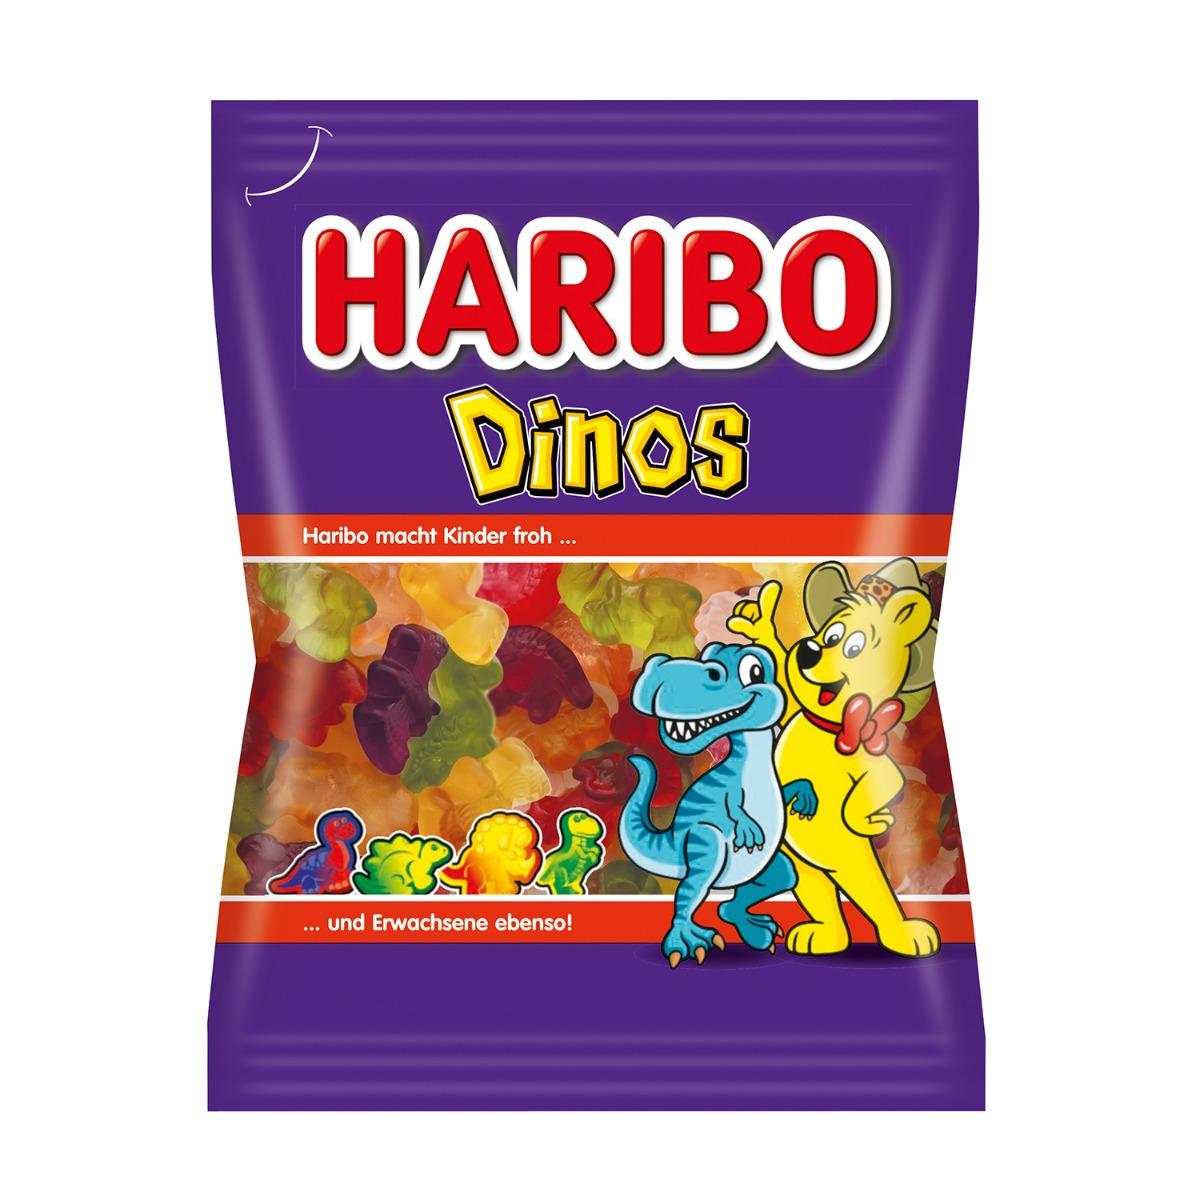 Jeleuri Haribo Dinos, 200 g imagine